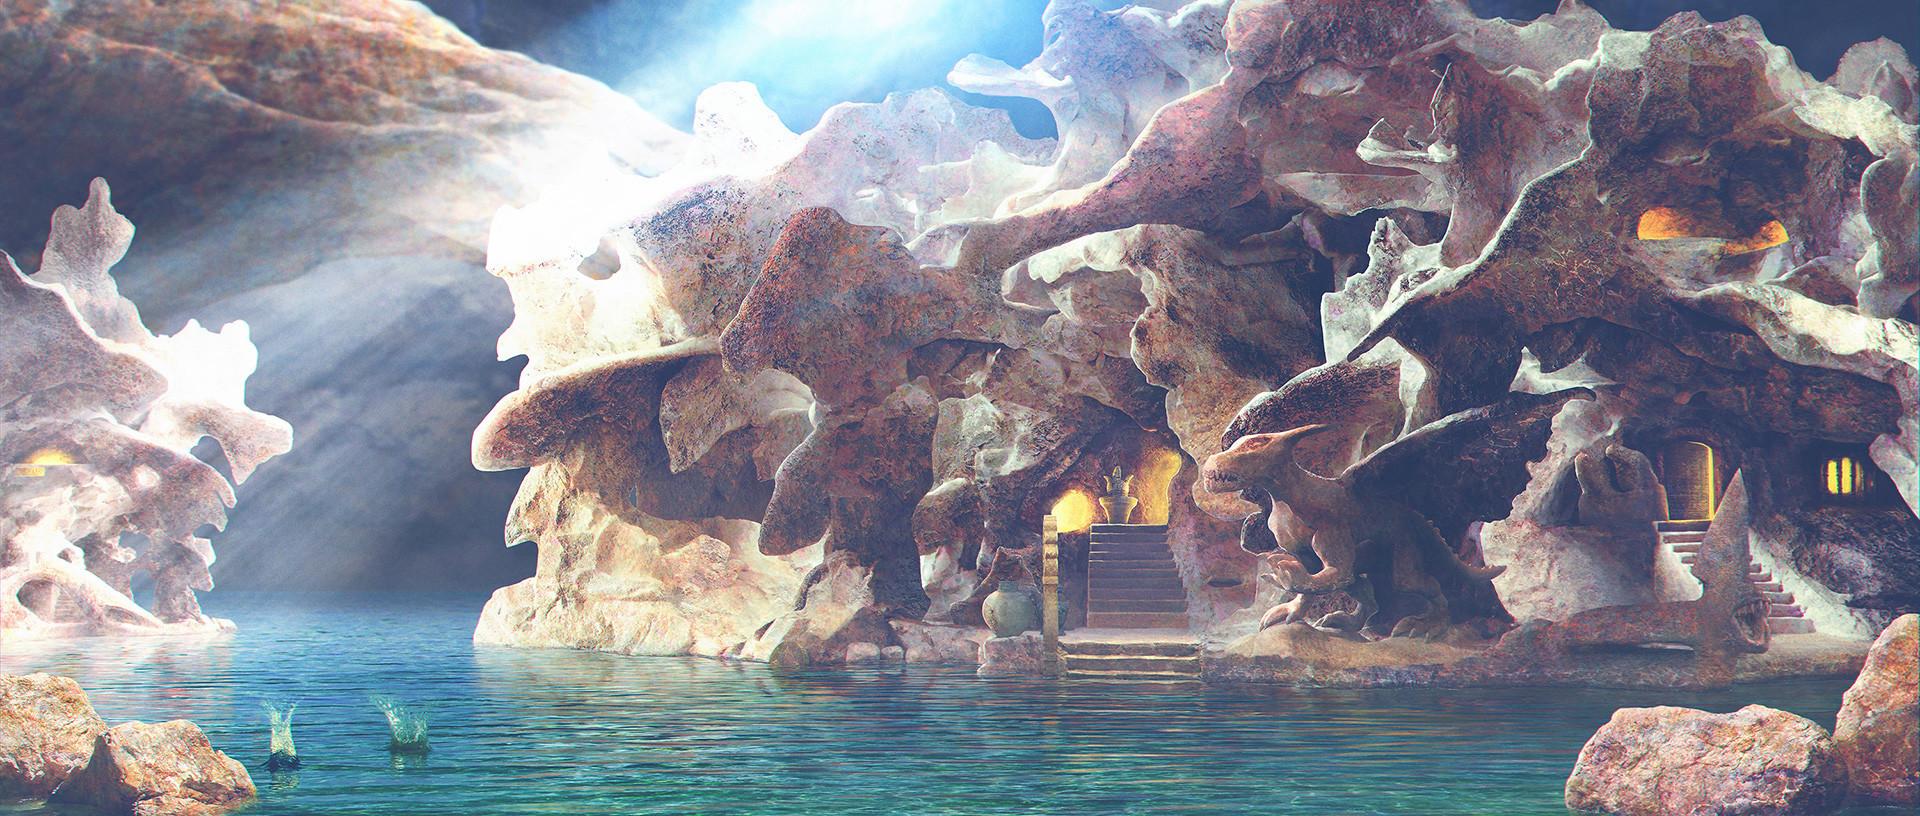 Tymoteusz chliszcz acient civilizations2 work1